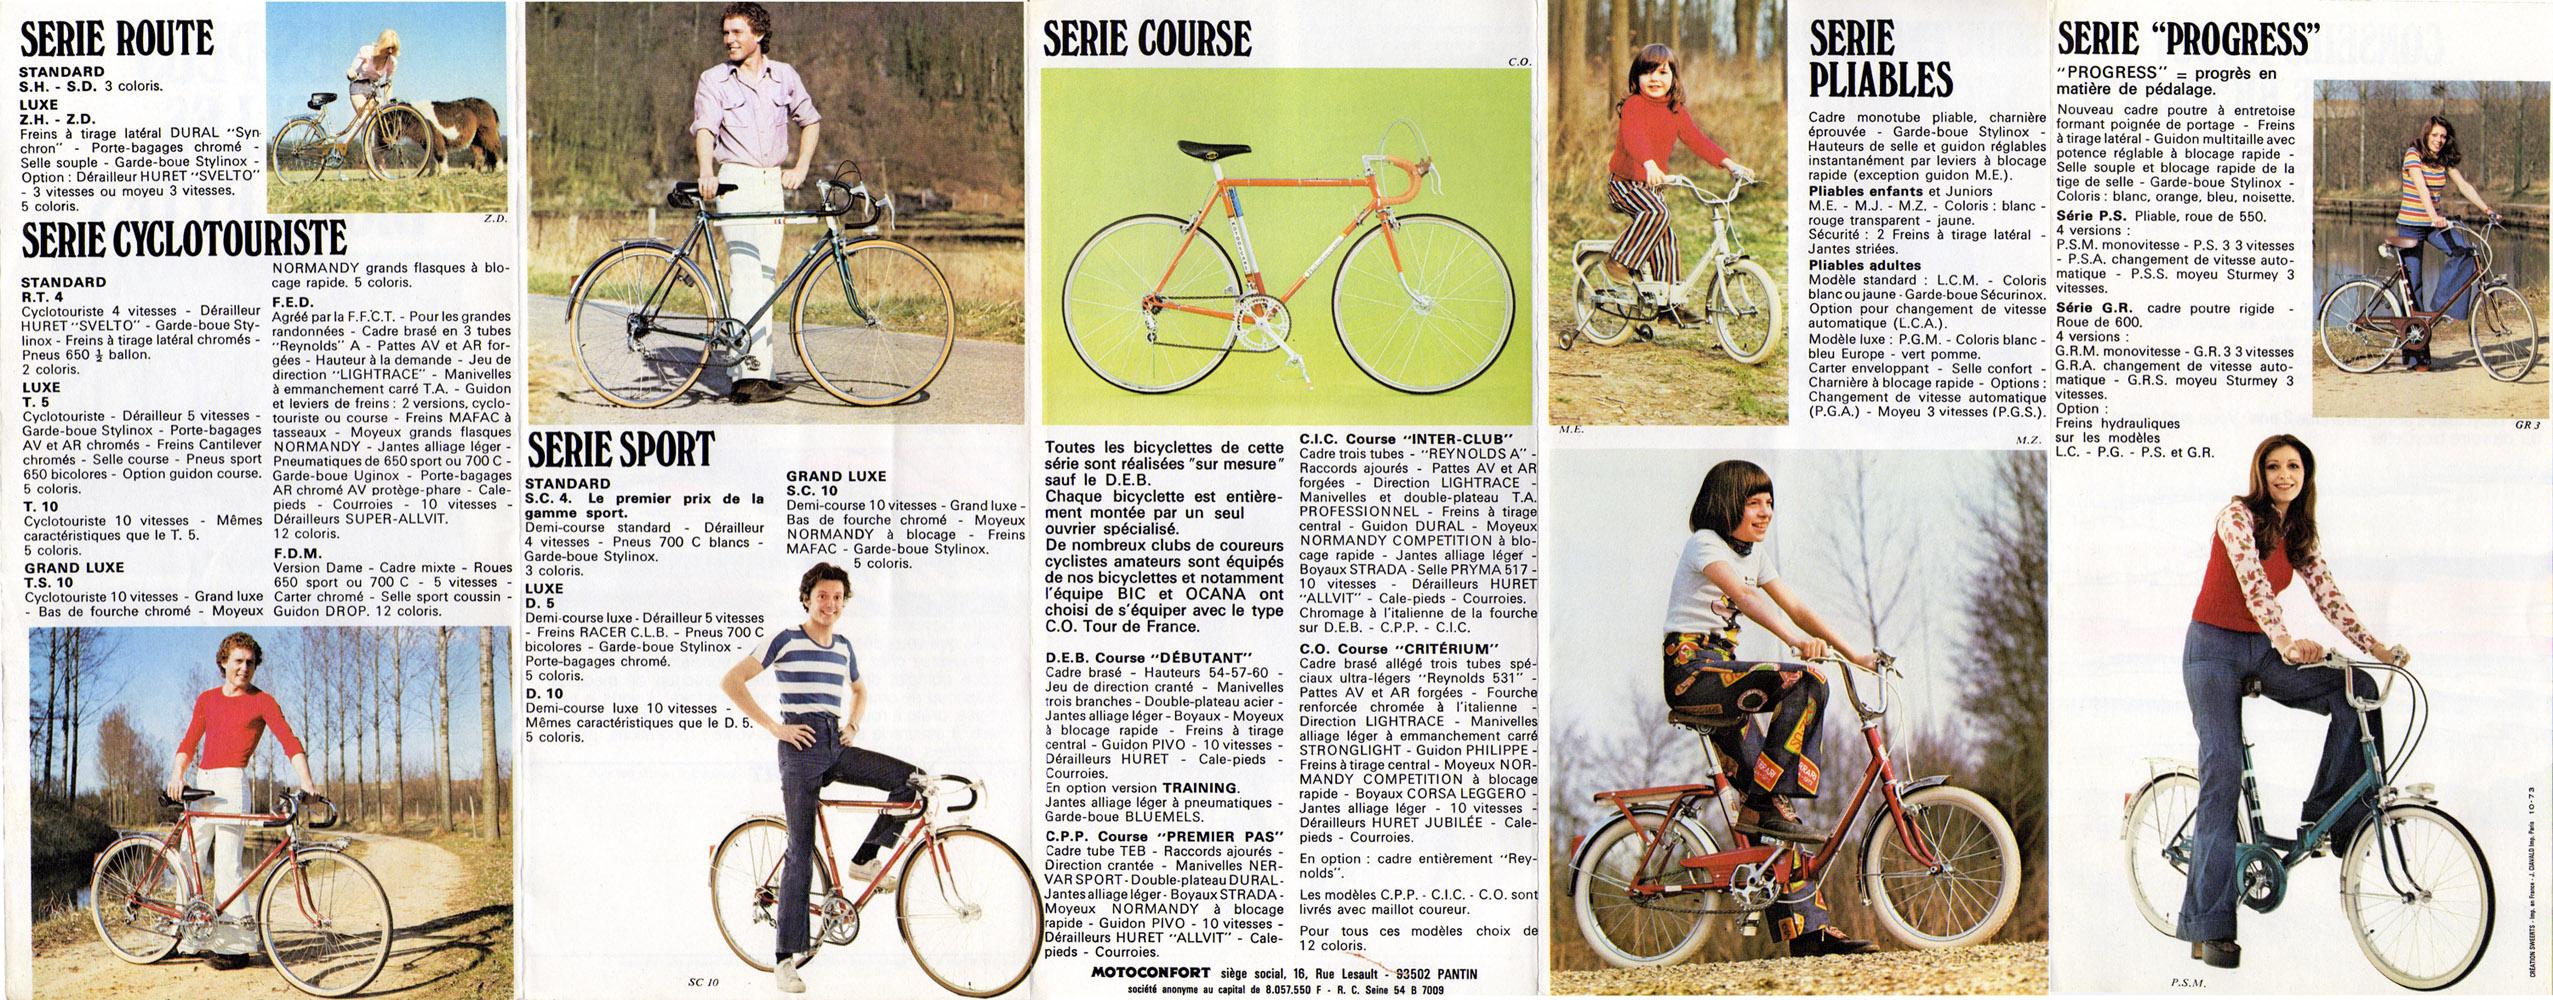 Motoconfort magnifique... mais quel modèle ? Motoconfort1973_02